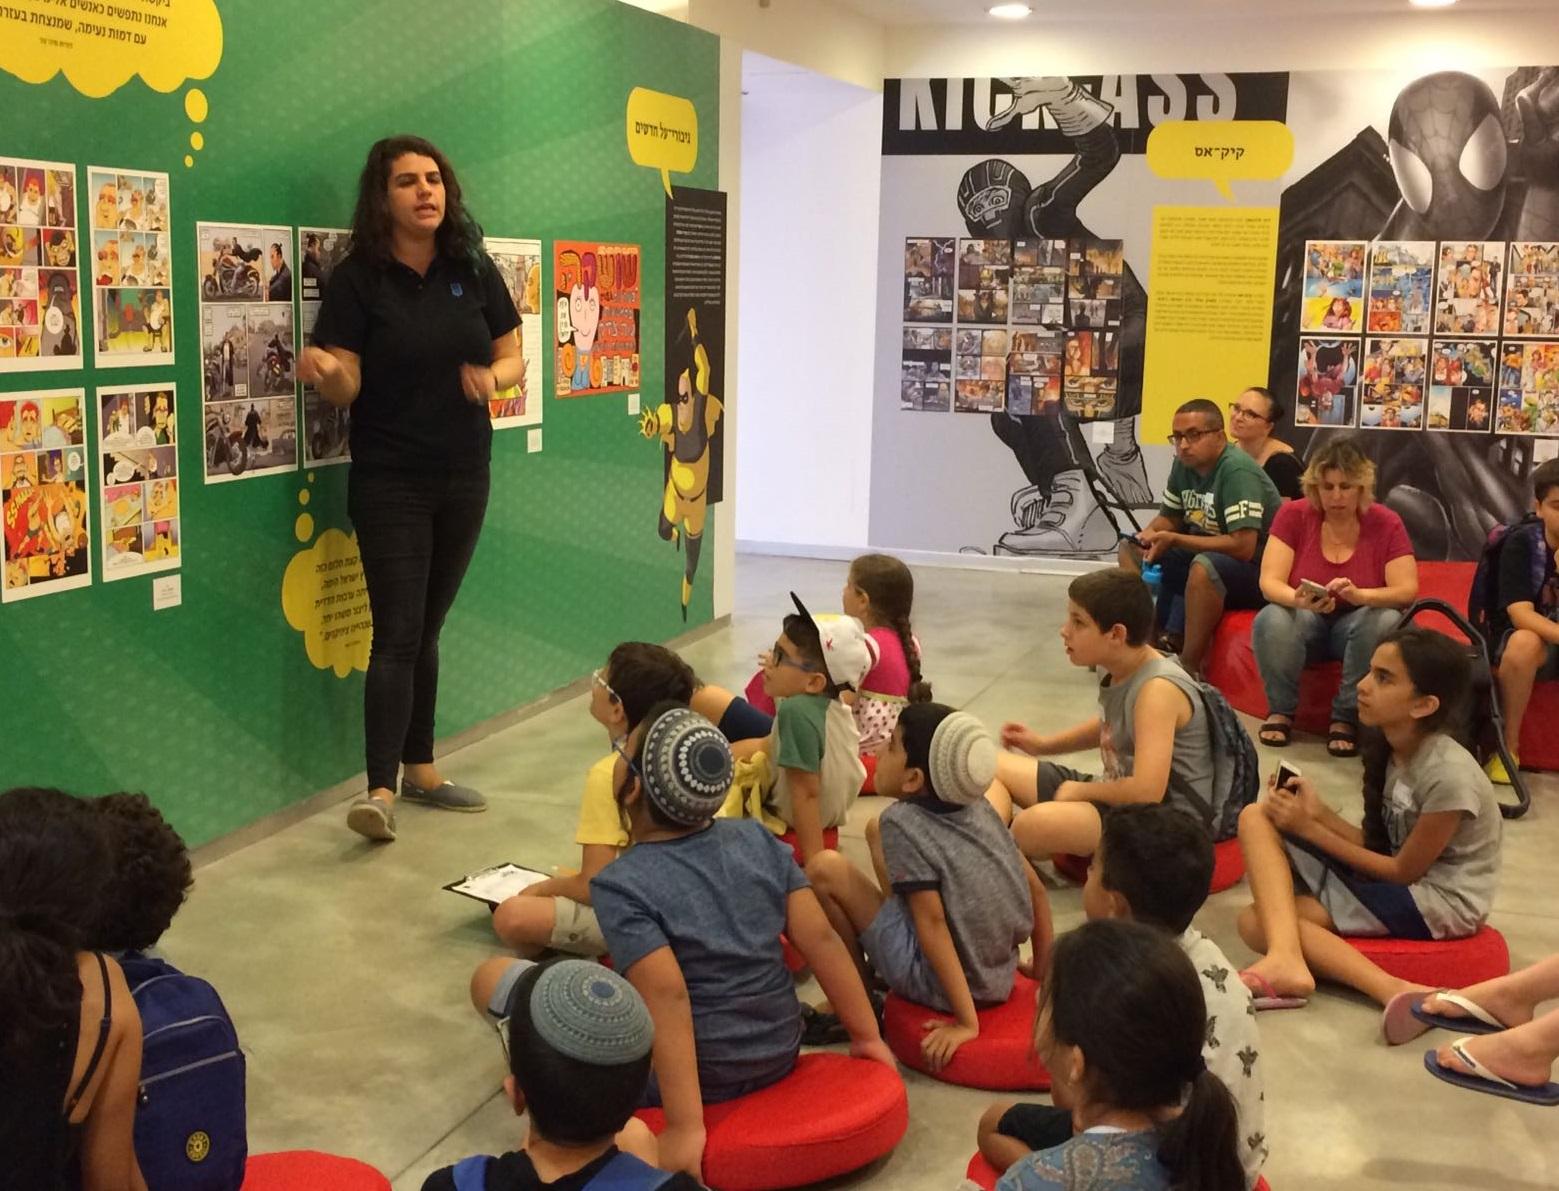 המוזיאון הישראלי לקריקטורות ולקומיקס (צילום: מיכל קורמן)